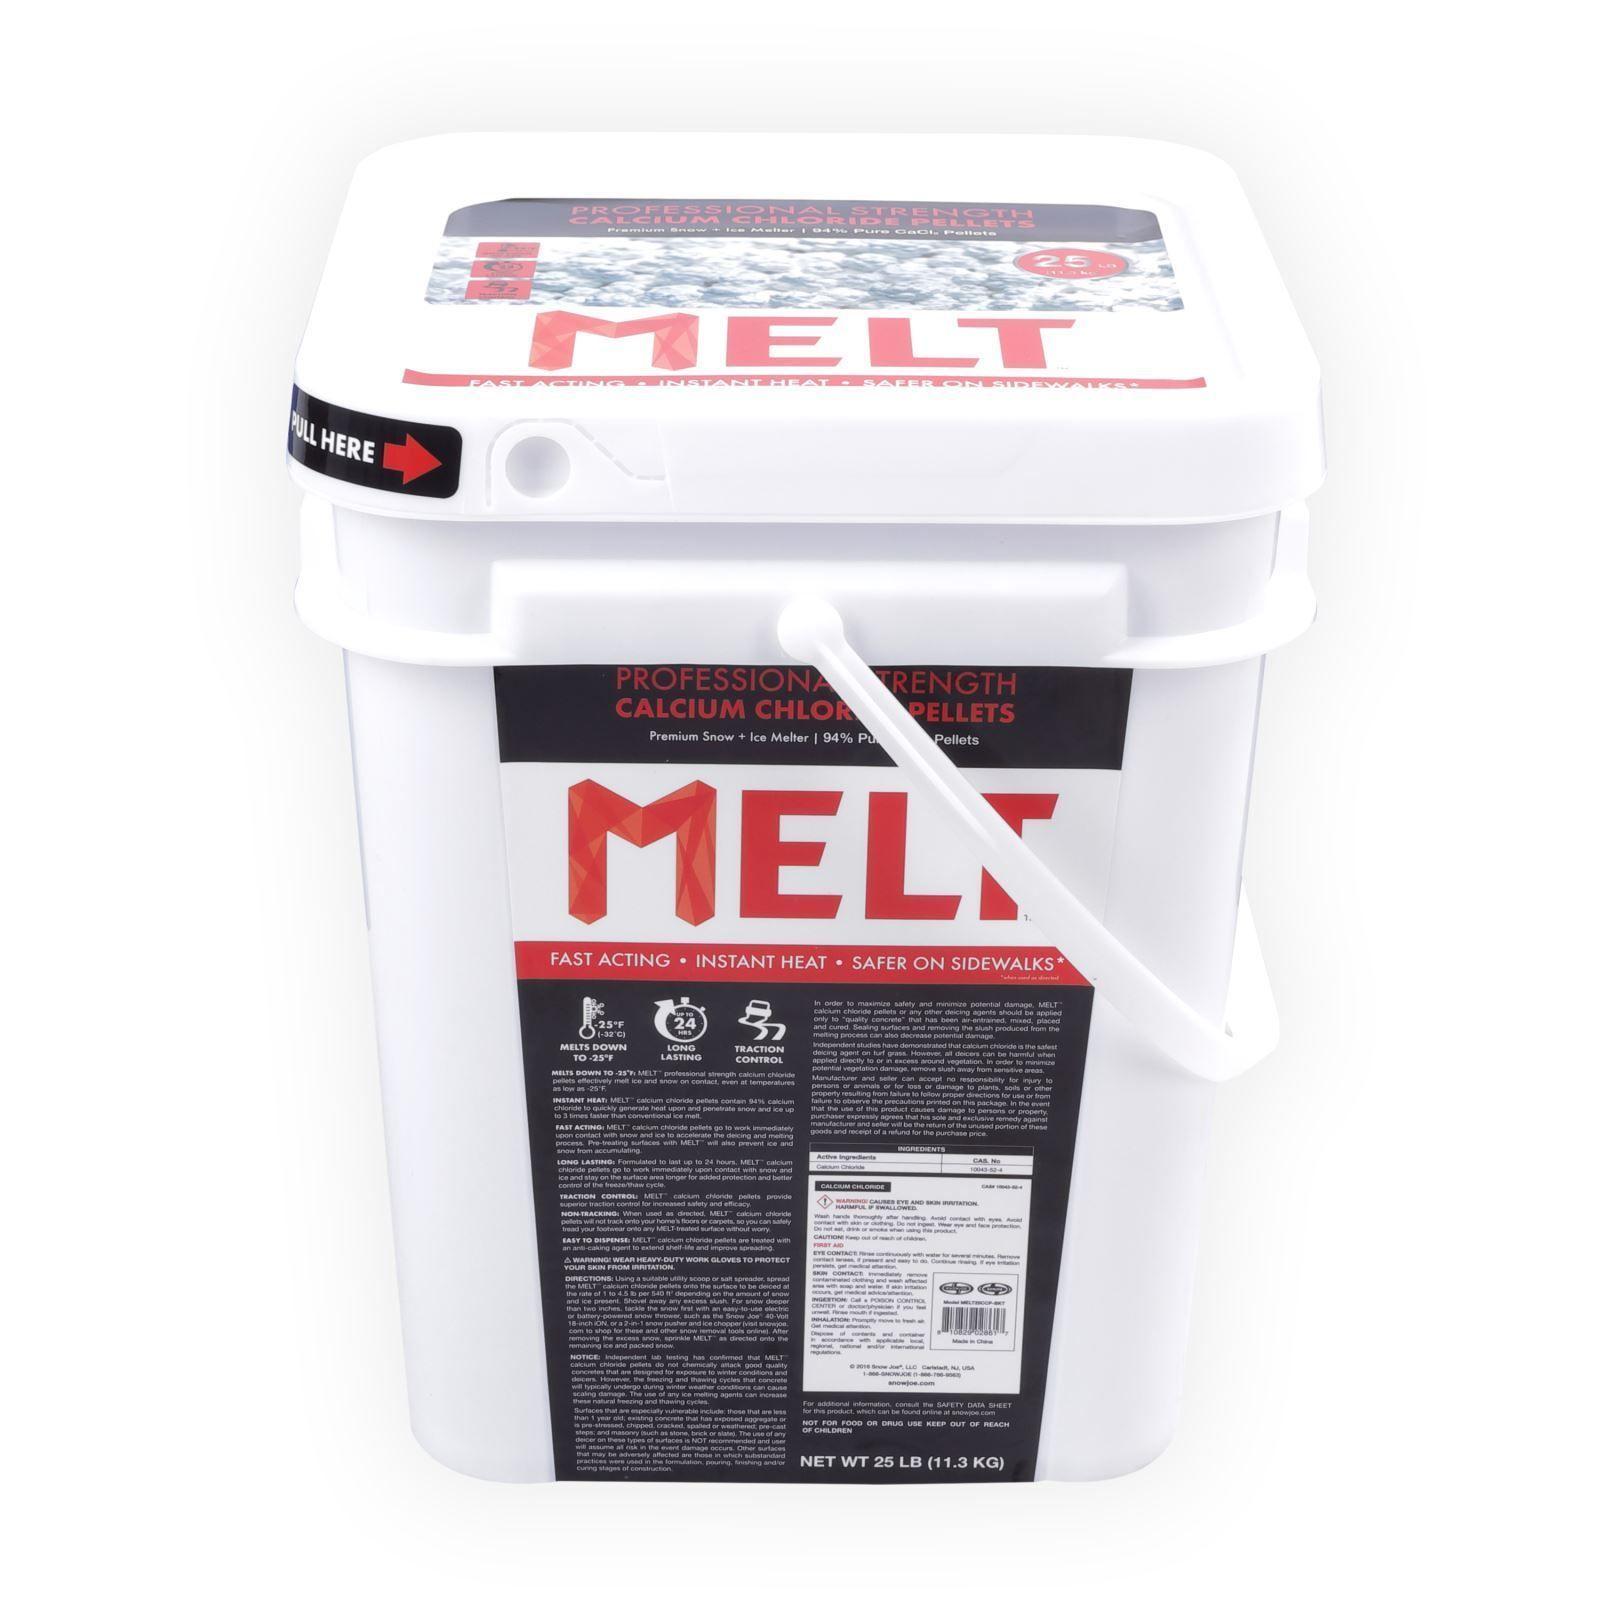 Snow Joe Melt 25 Lb Bucket Calcium Chloride Pellets Professional